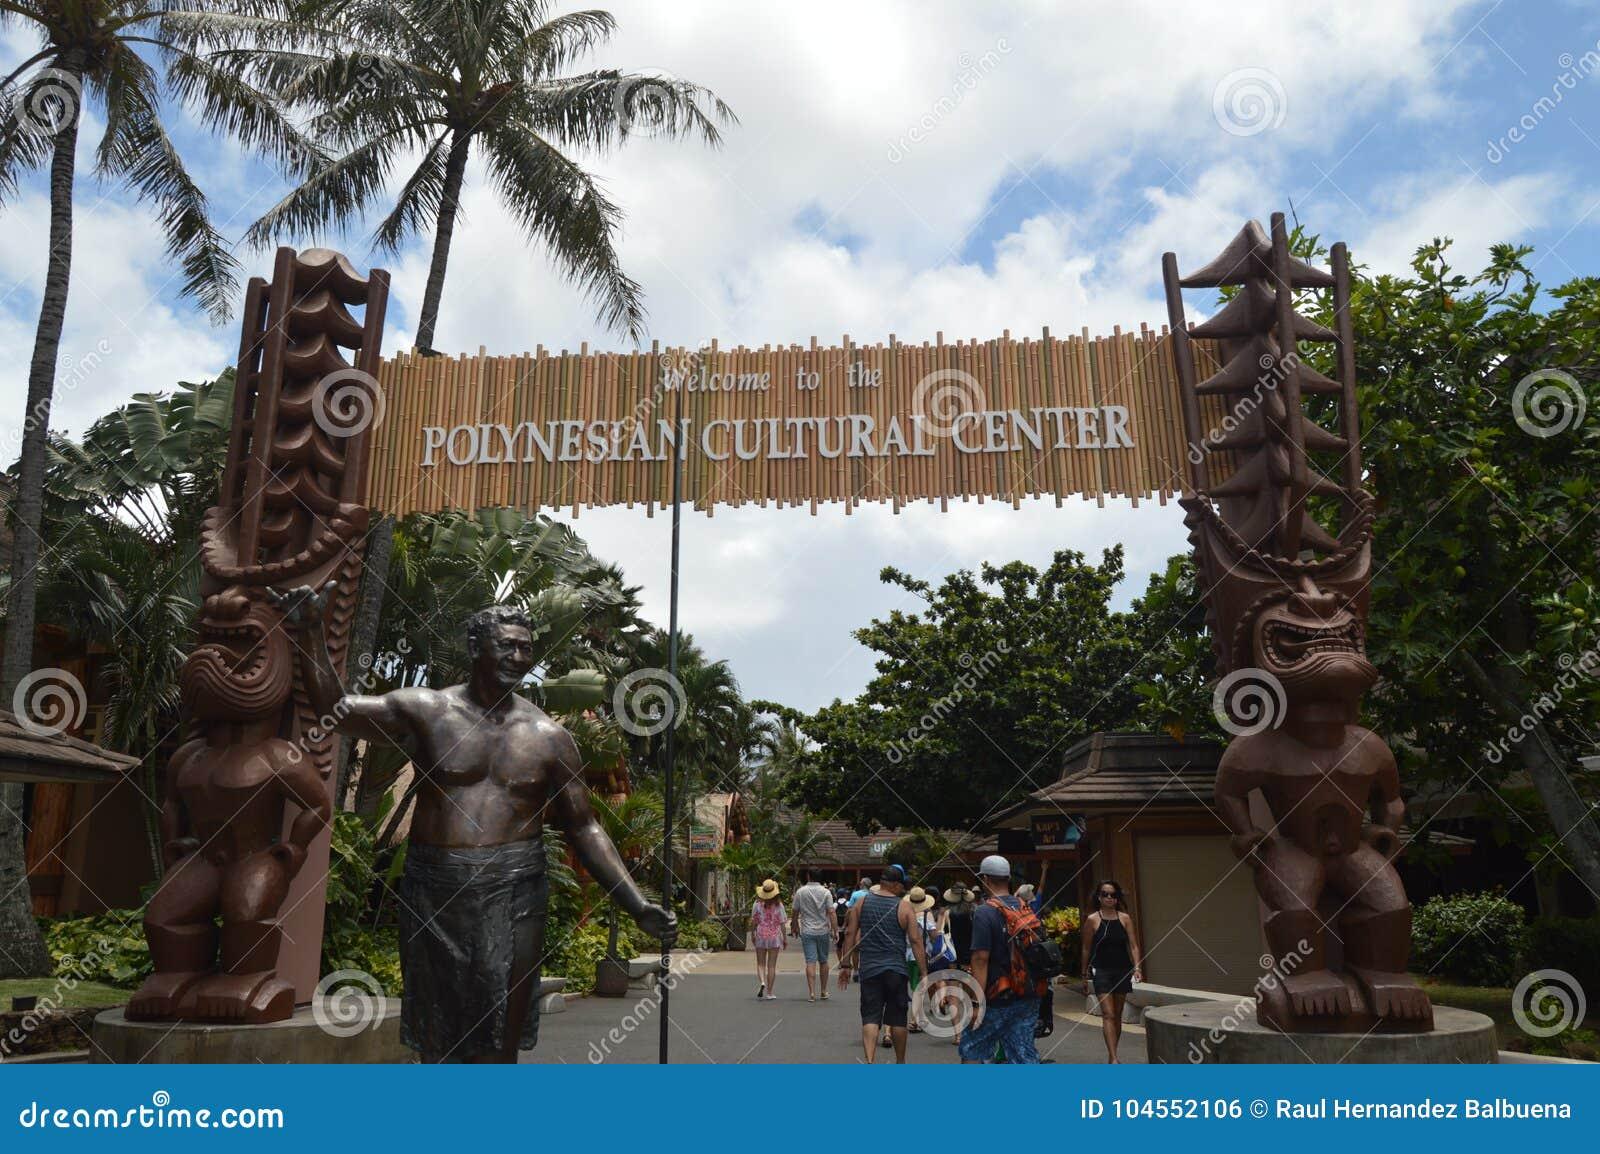 Eingang zur polynesischen kulturellen Mitte